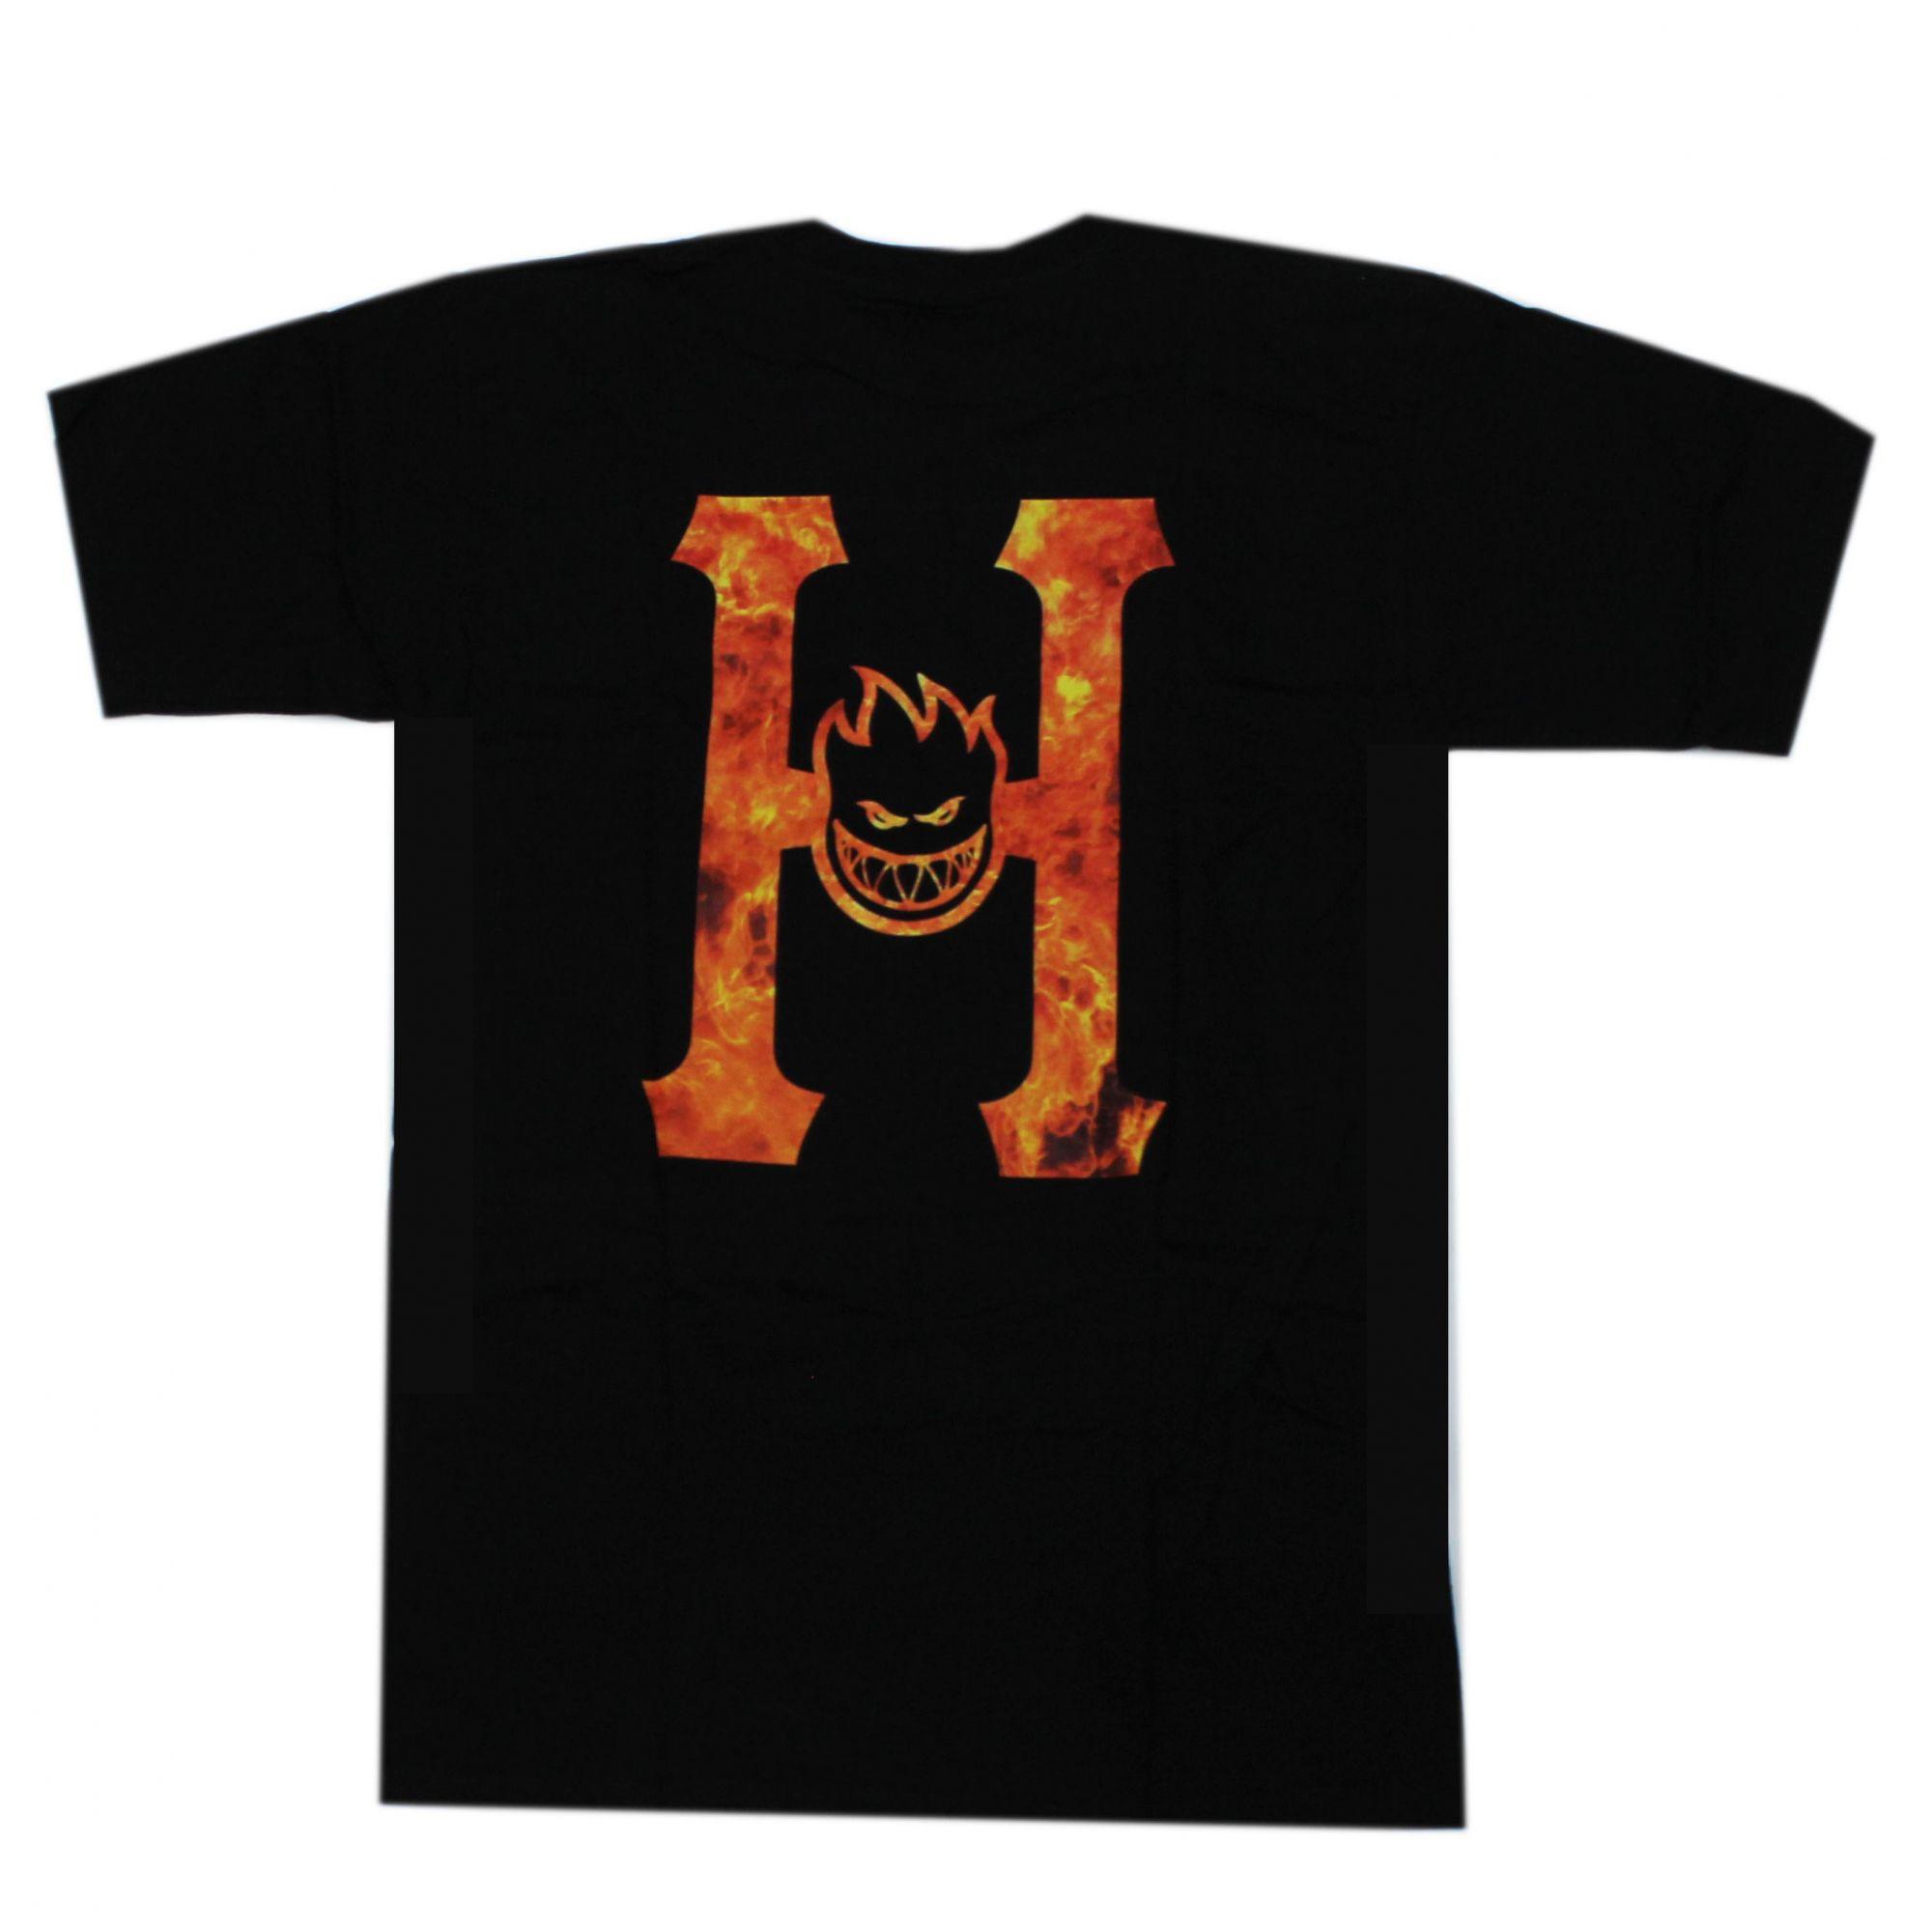 Camiseta HUF x Spitfire Flaming Preto (Importado)